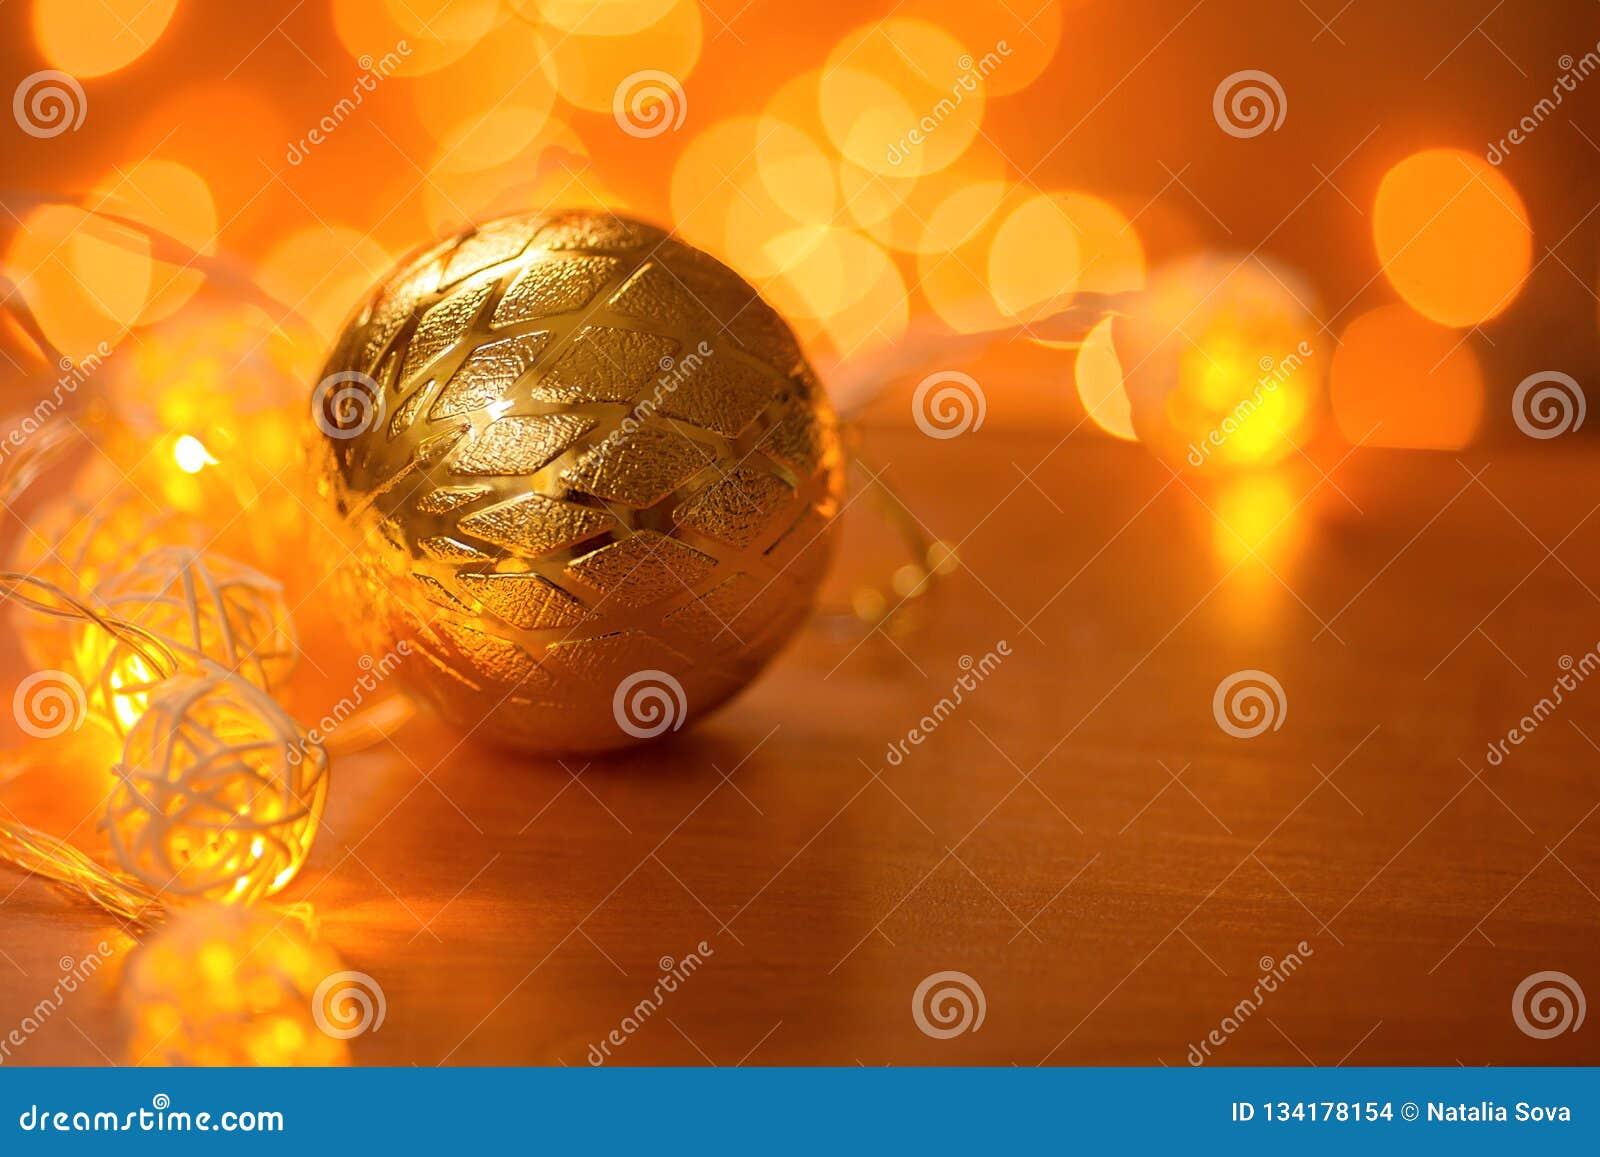 Beautiful Christmas ball on the table